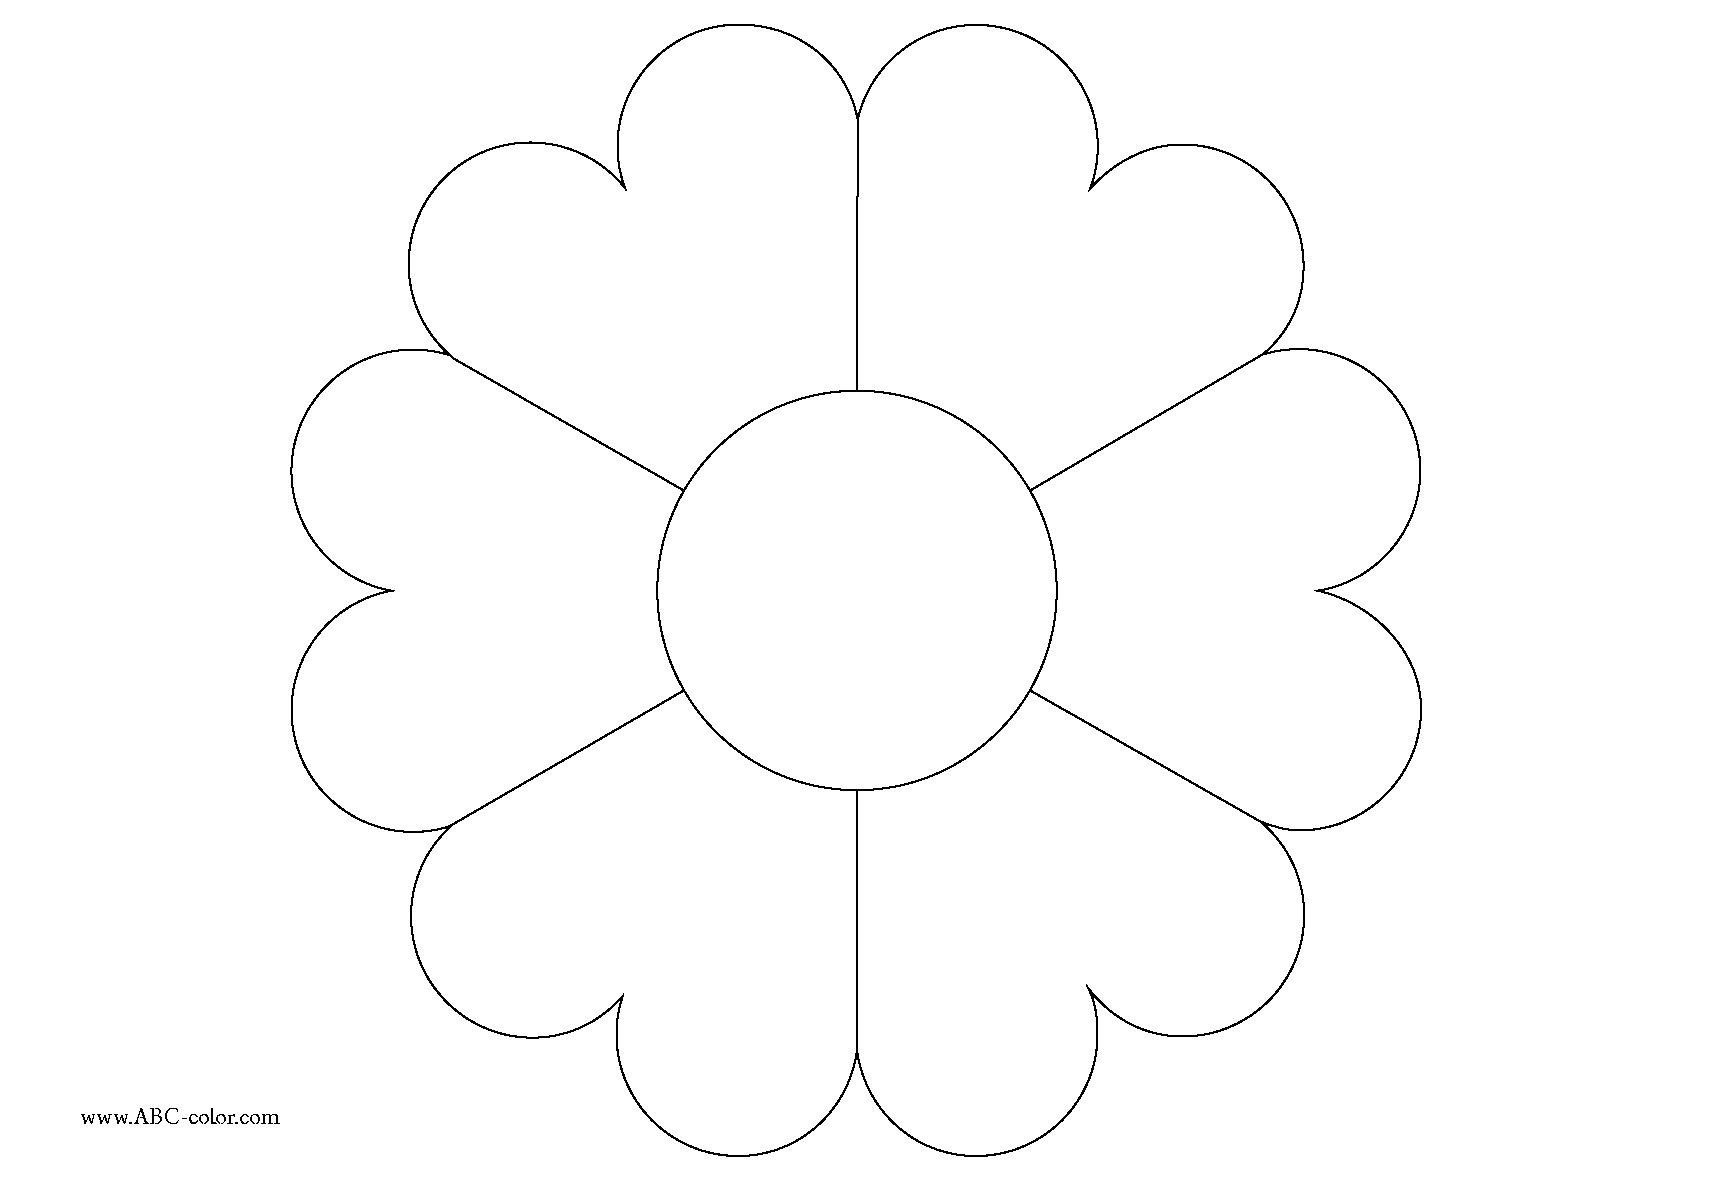 Цветы картинки раскраски для детей - 7